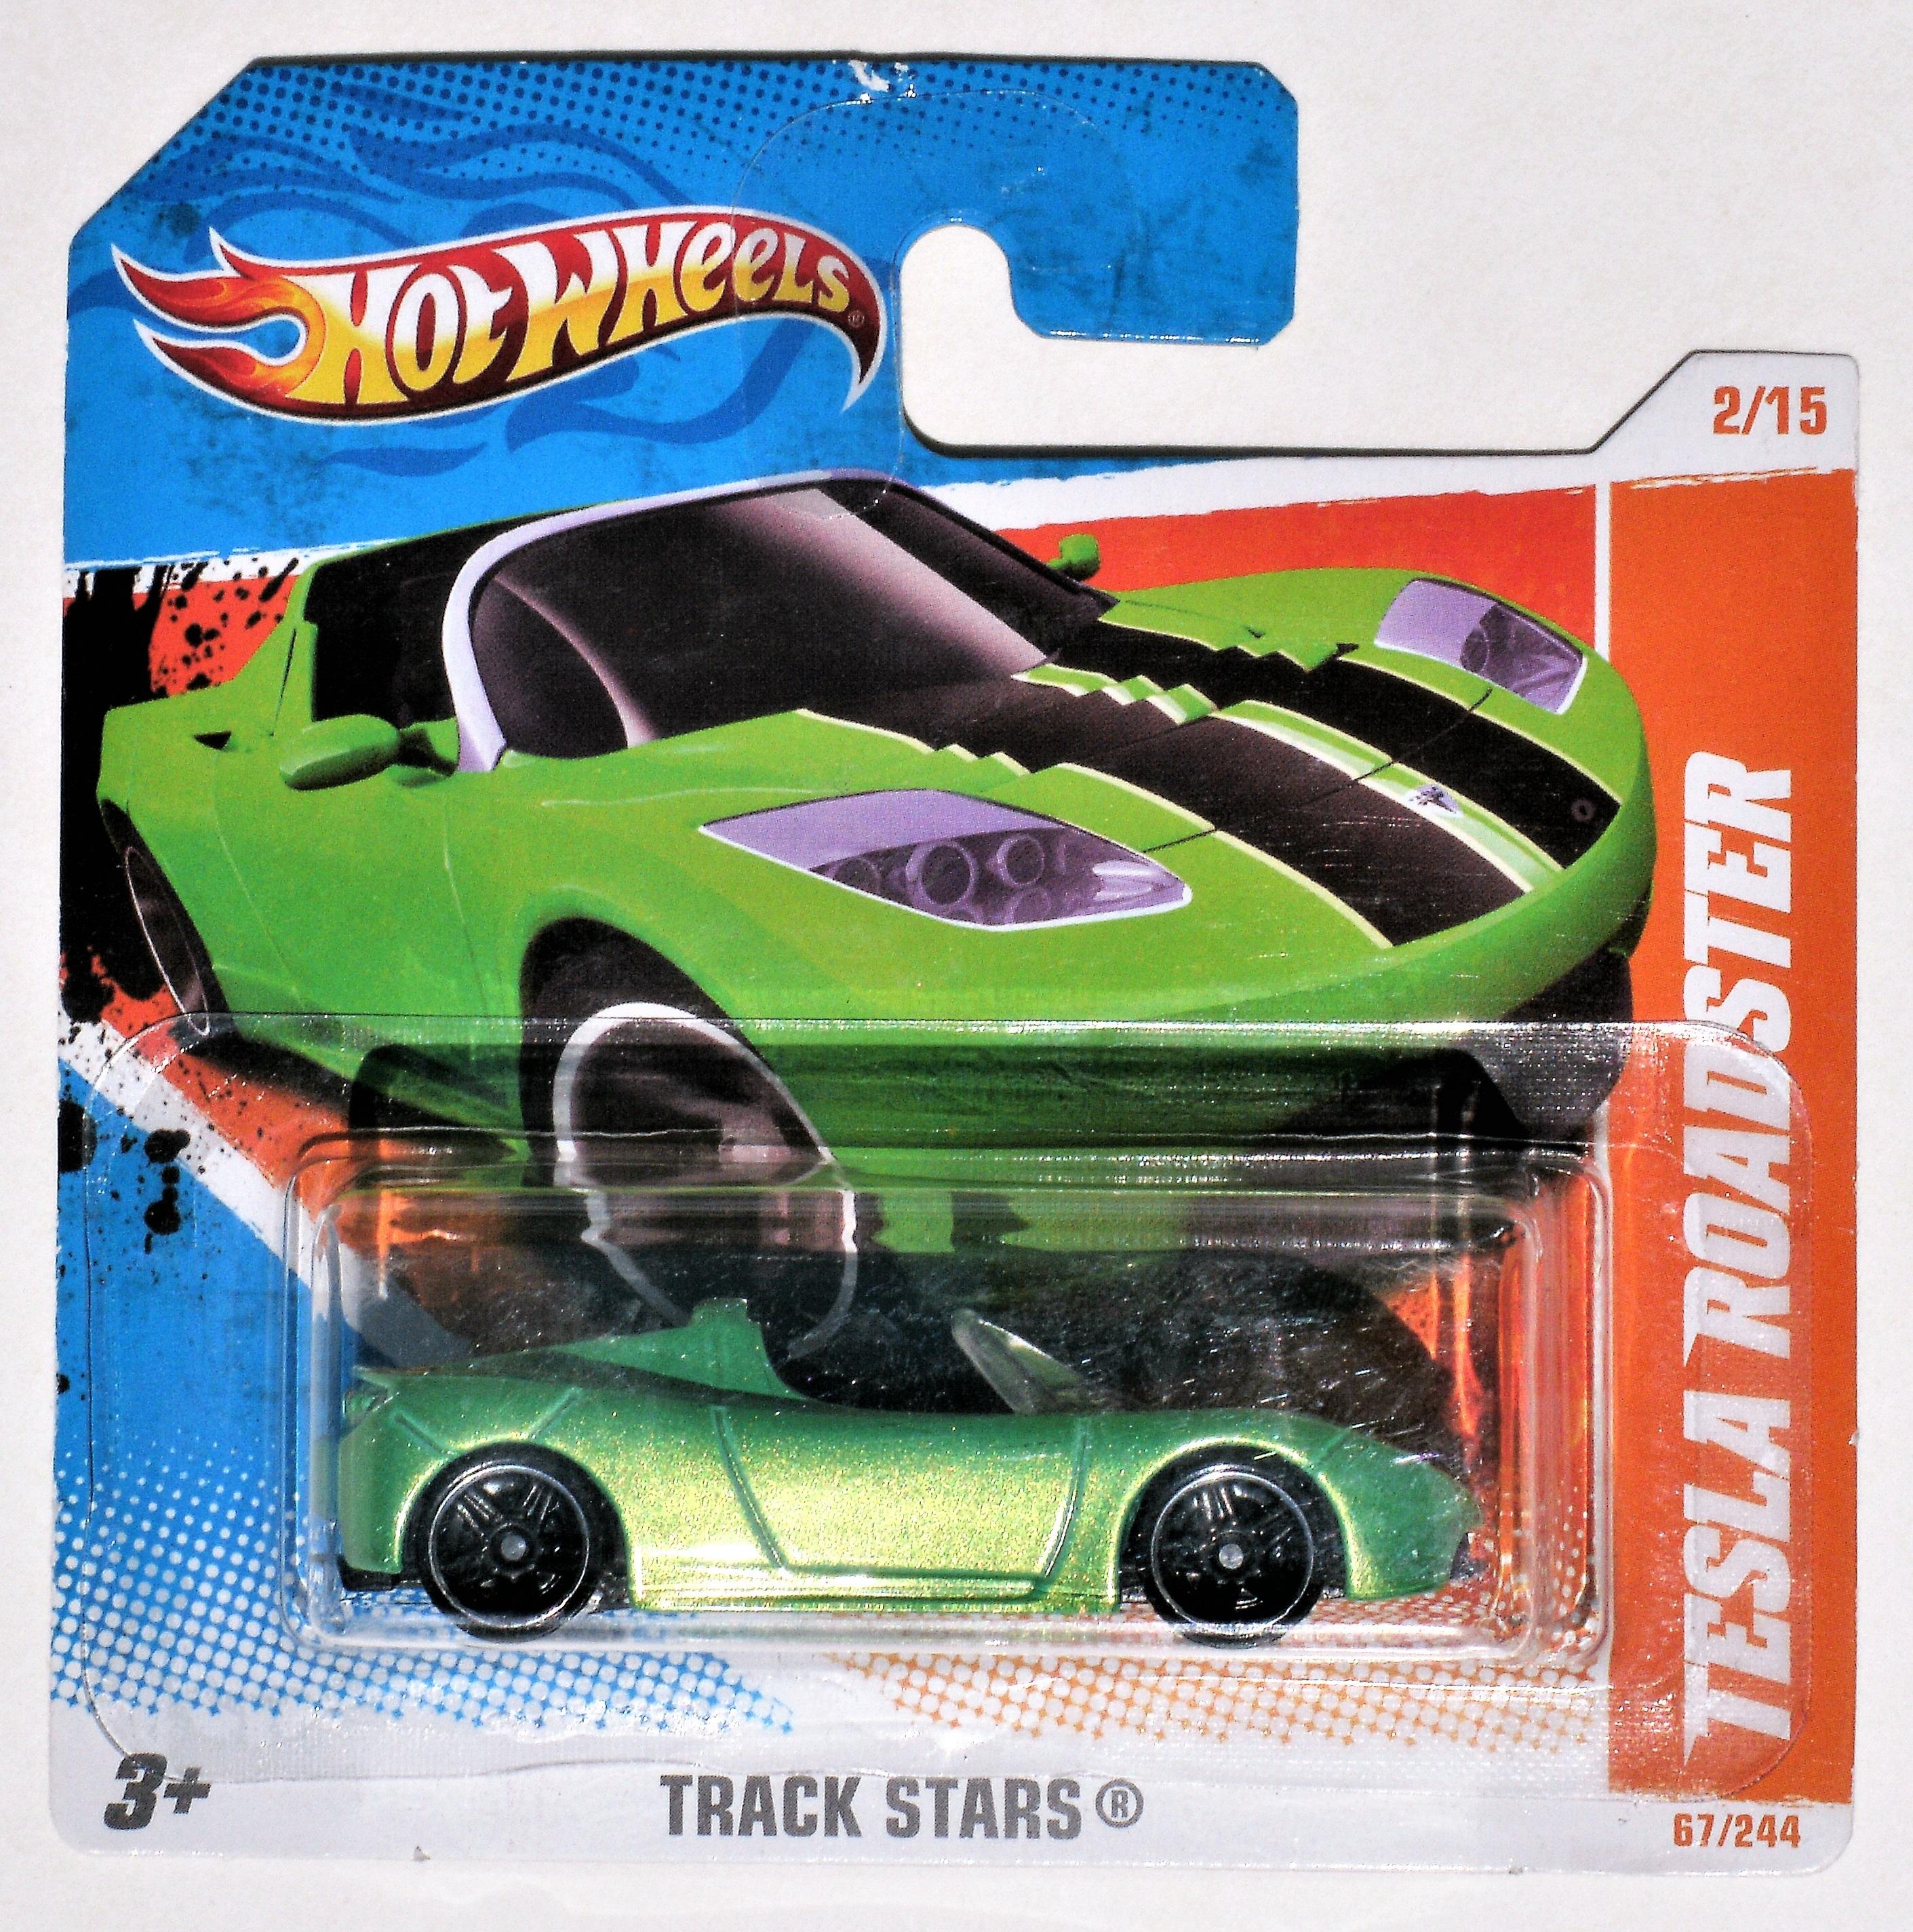 007c,TeslaRoadster,TrackStars,Green-Black,Short.JPG